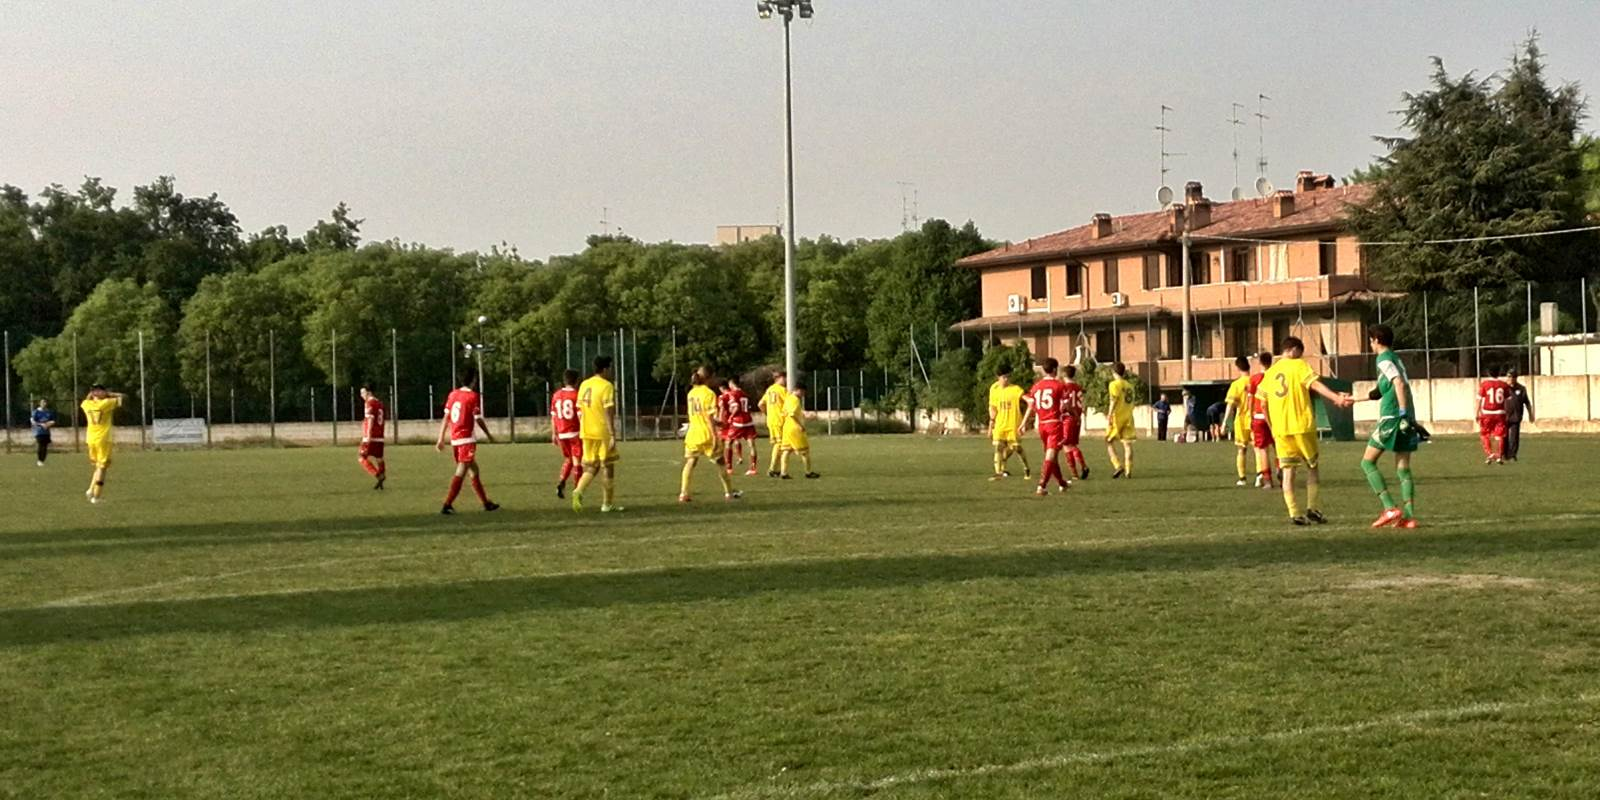 Sassi 27 - U17 Mantova-Formigine 1-0 f15